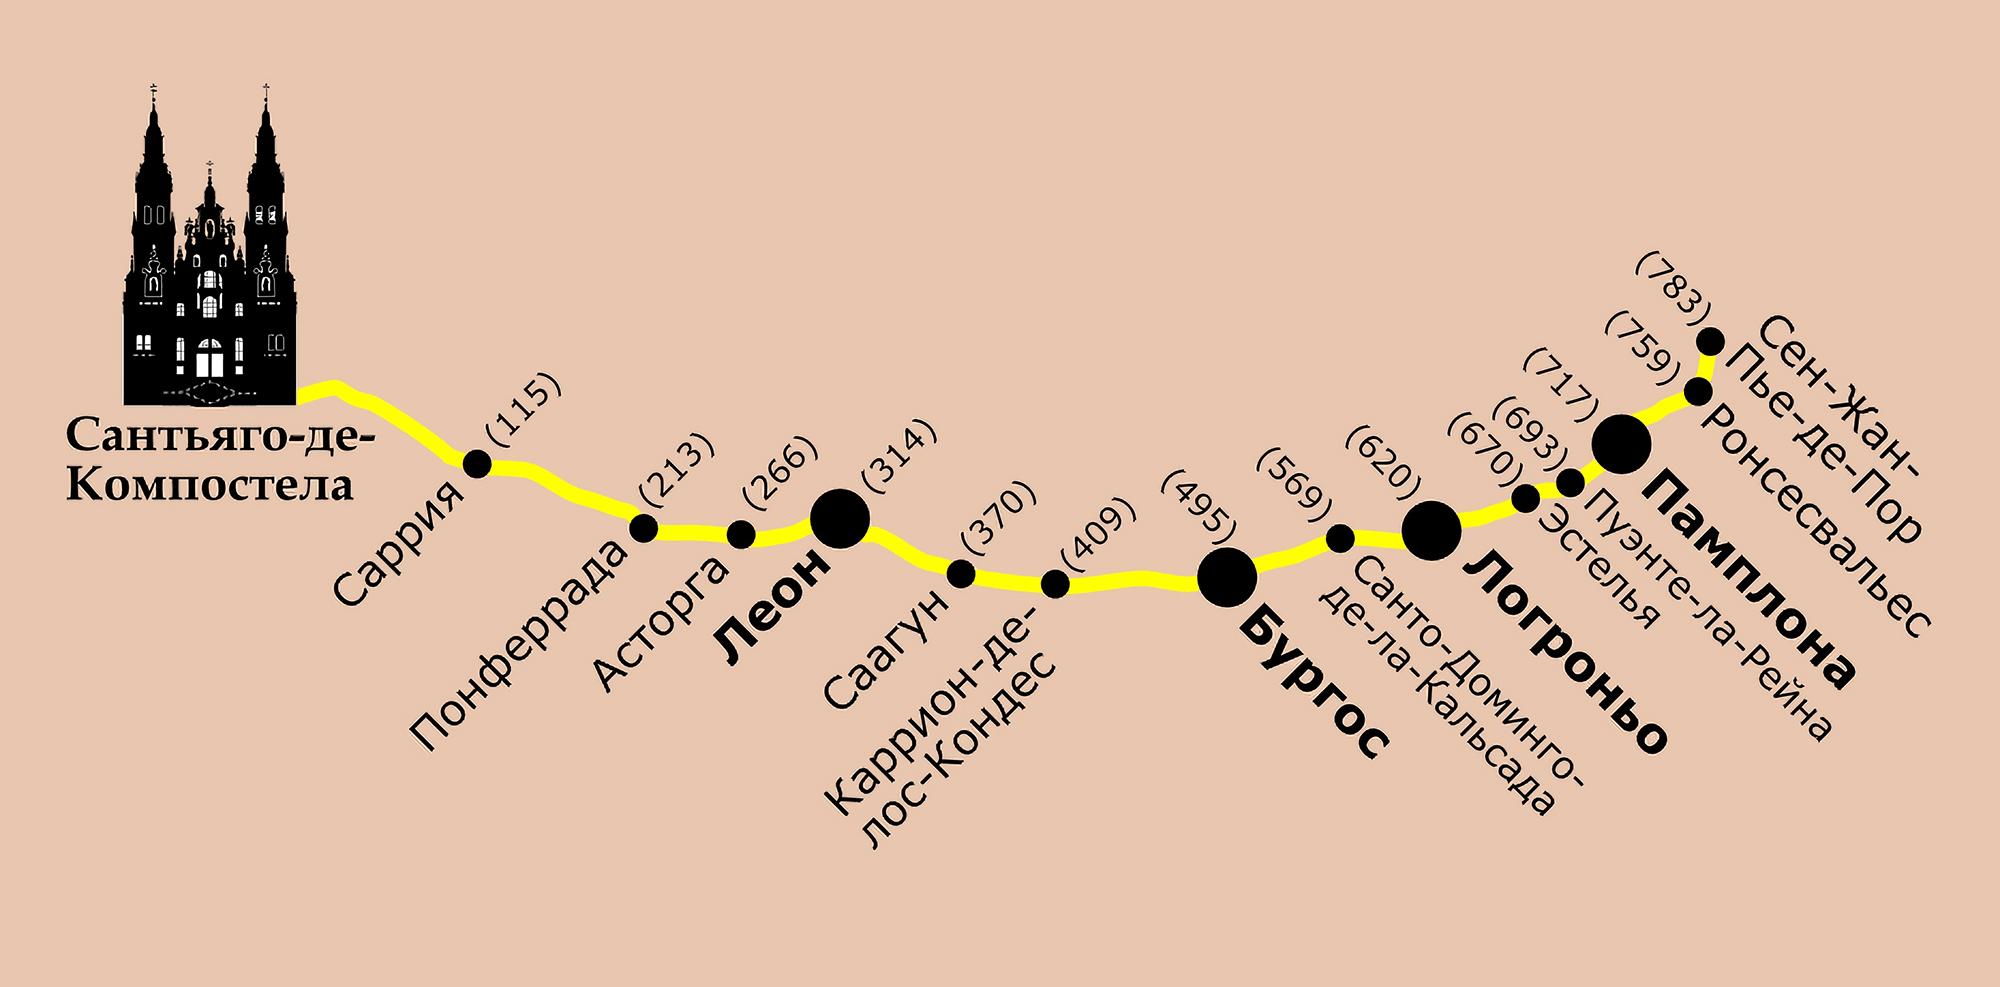 В 2017 году по Французскому пути прошло 180 737 человек. Источник: vamosasantiago.net